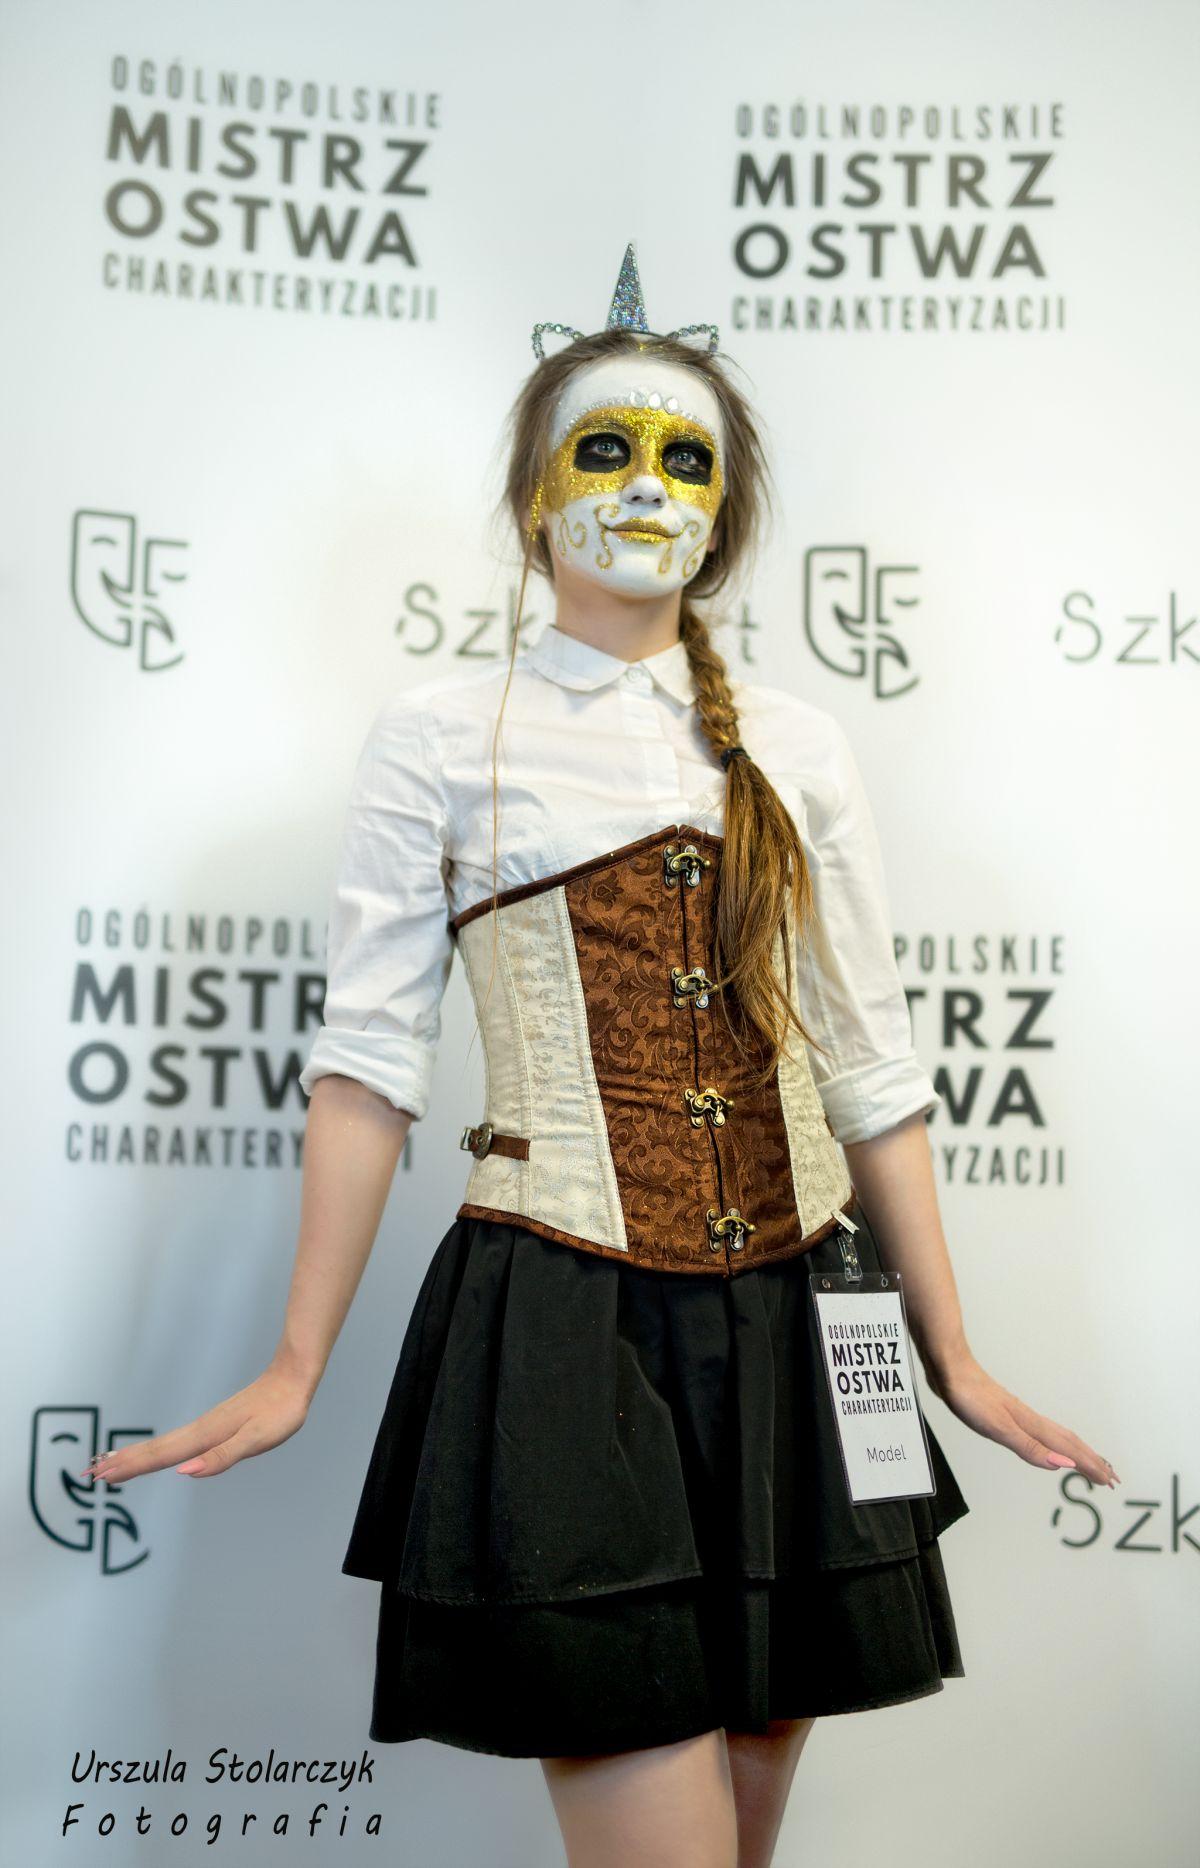 7. Ogolnopolskie Mistrzostwa Charakteryzacji -  070